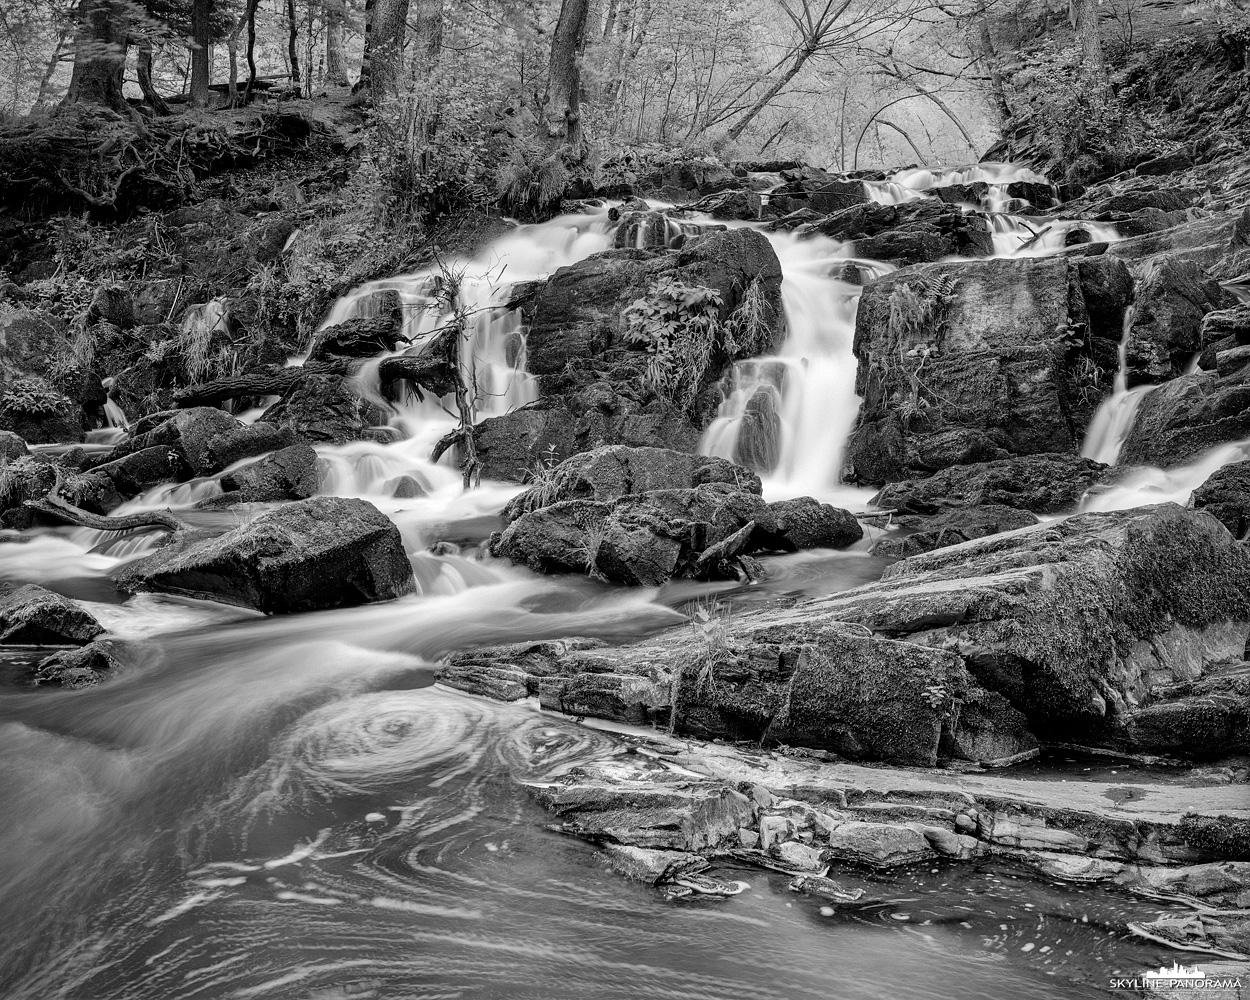 """Großformat 4x5"""" - Der Wasserfall der Selke im Harz als monochrome Langzeitbelichtung auf Ilford Delta 100 Schwarzweiß Film."""